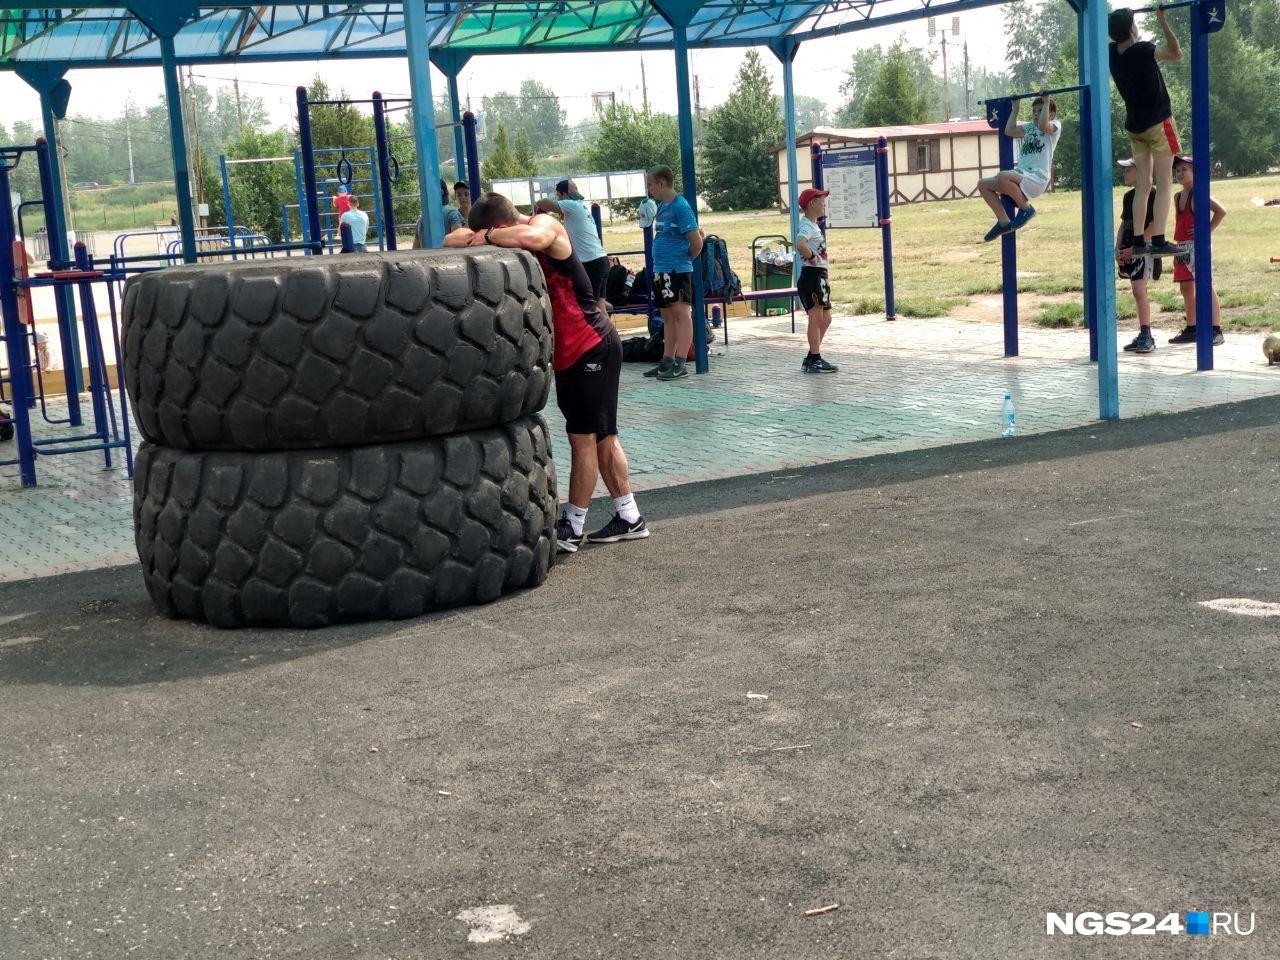 Облитые потом спортсмены продолжают тренировку даже в жару...